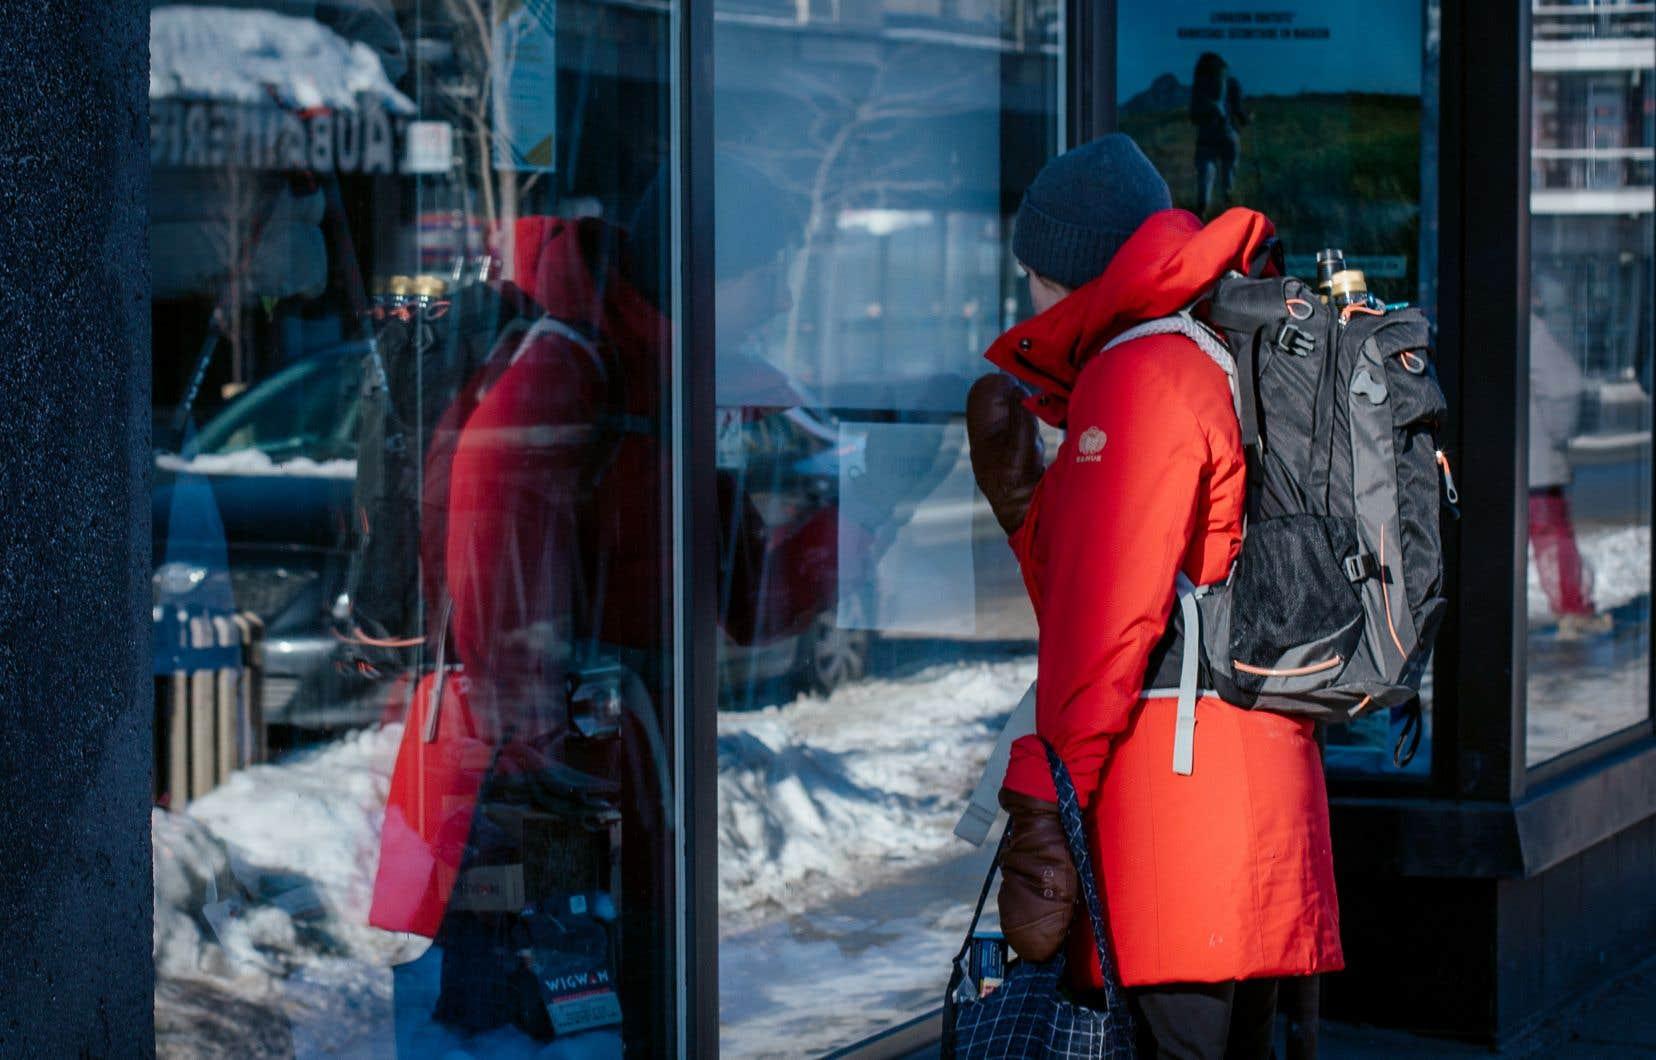 Selon le Conseil québécois du commerce de détail, le nombre d'entreprises converties à la vente électronique est passé de 36% à 44% au cours de la dernière année, notamment marquée par des mesures de confinement ayant forcé la fermeture temporaire des commerces non essentiels.